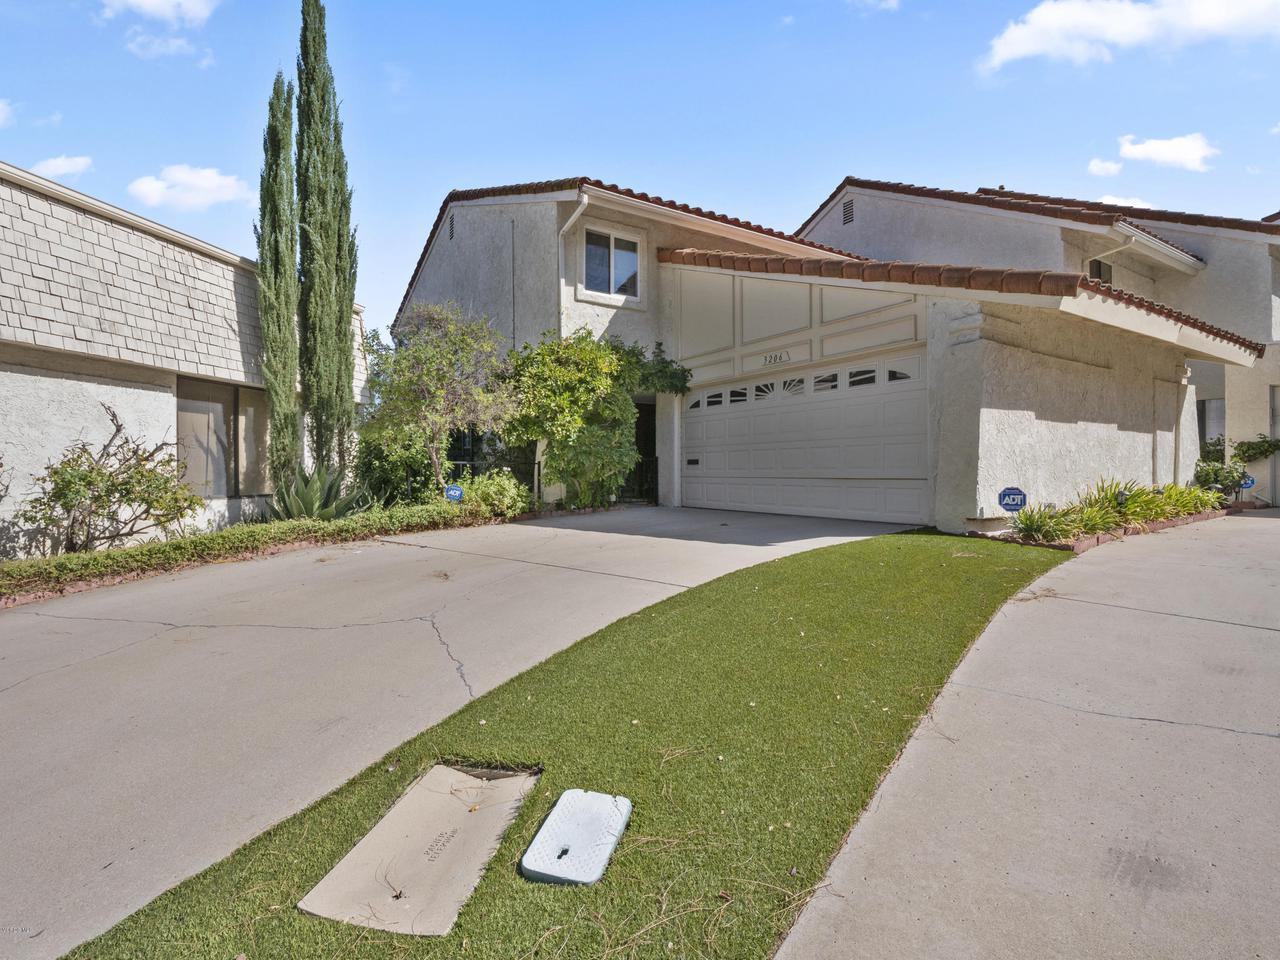 Photo of 3206 MEADOW OAK Drive, Westlake Village, CA 91361